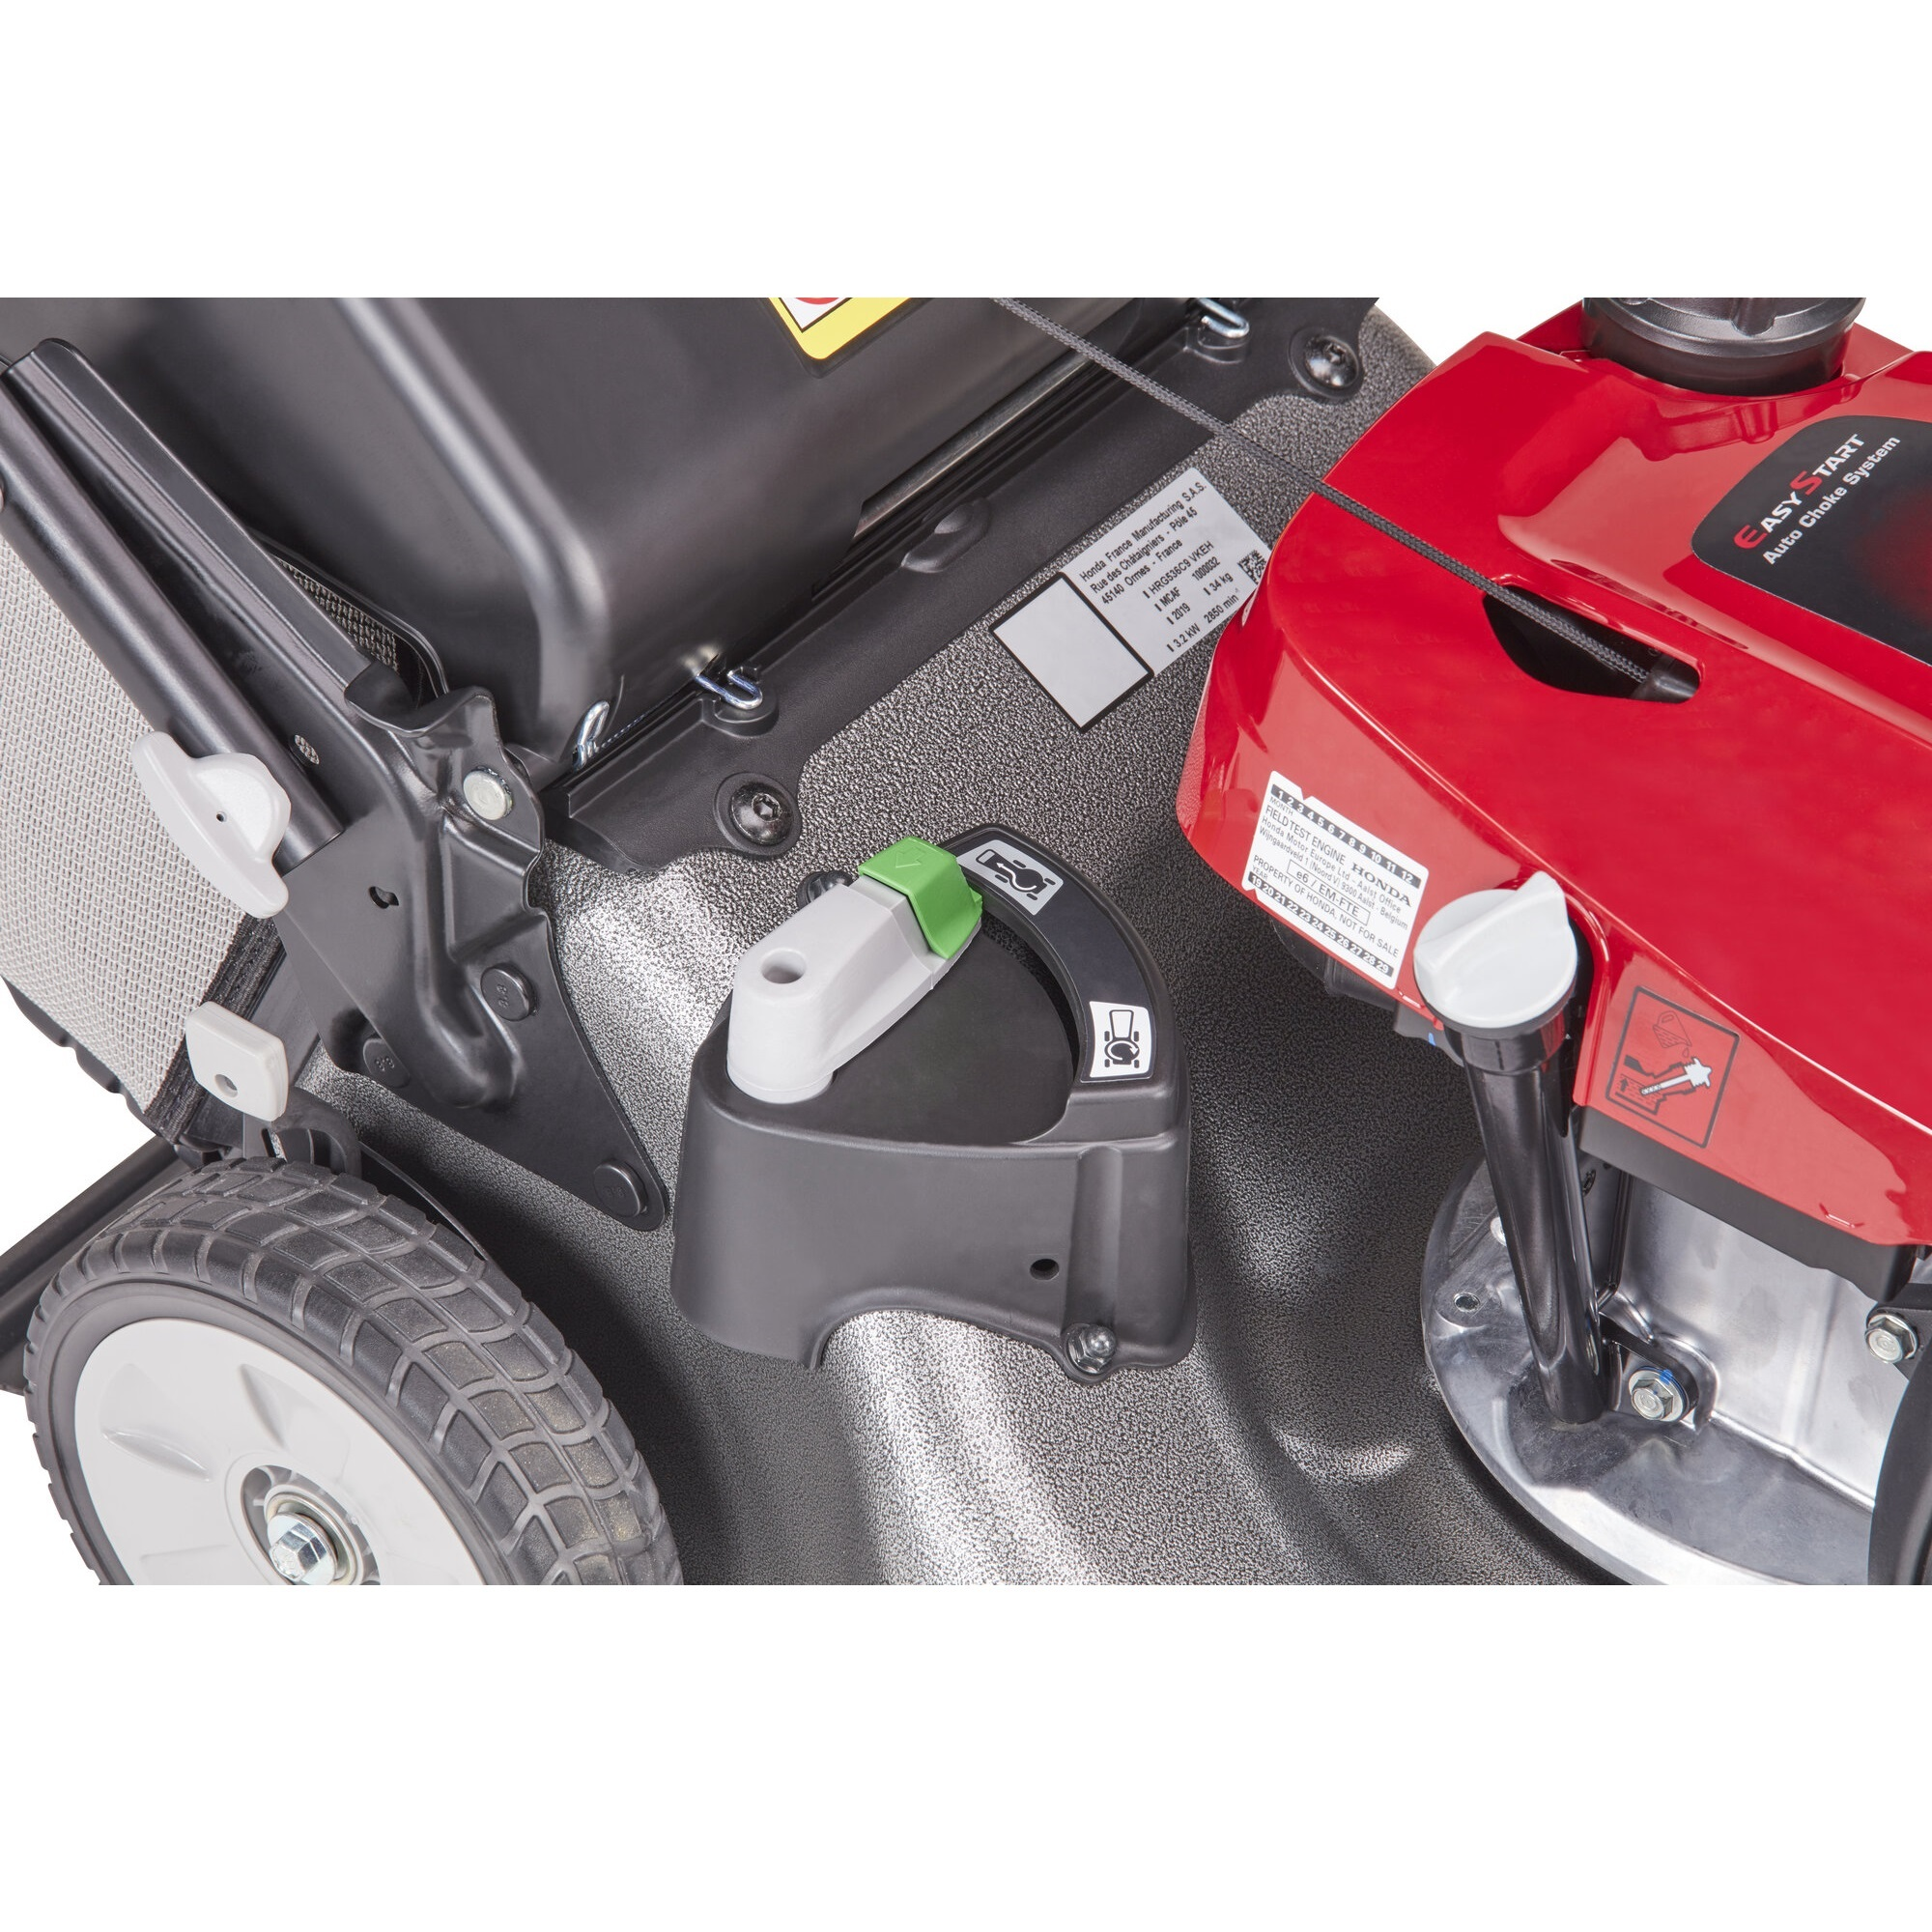 Honda HRG 536 C9 VYEH motorová sekačka s pojezdem, ROTOSTOP, dva sekací nože Honda H718779 L-11